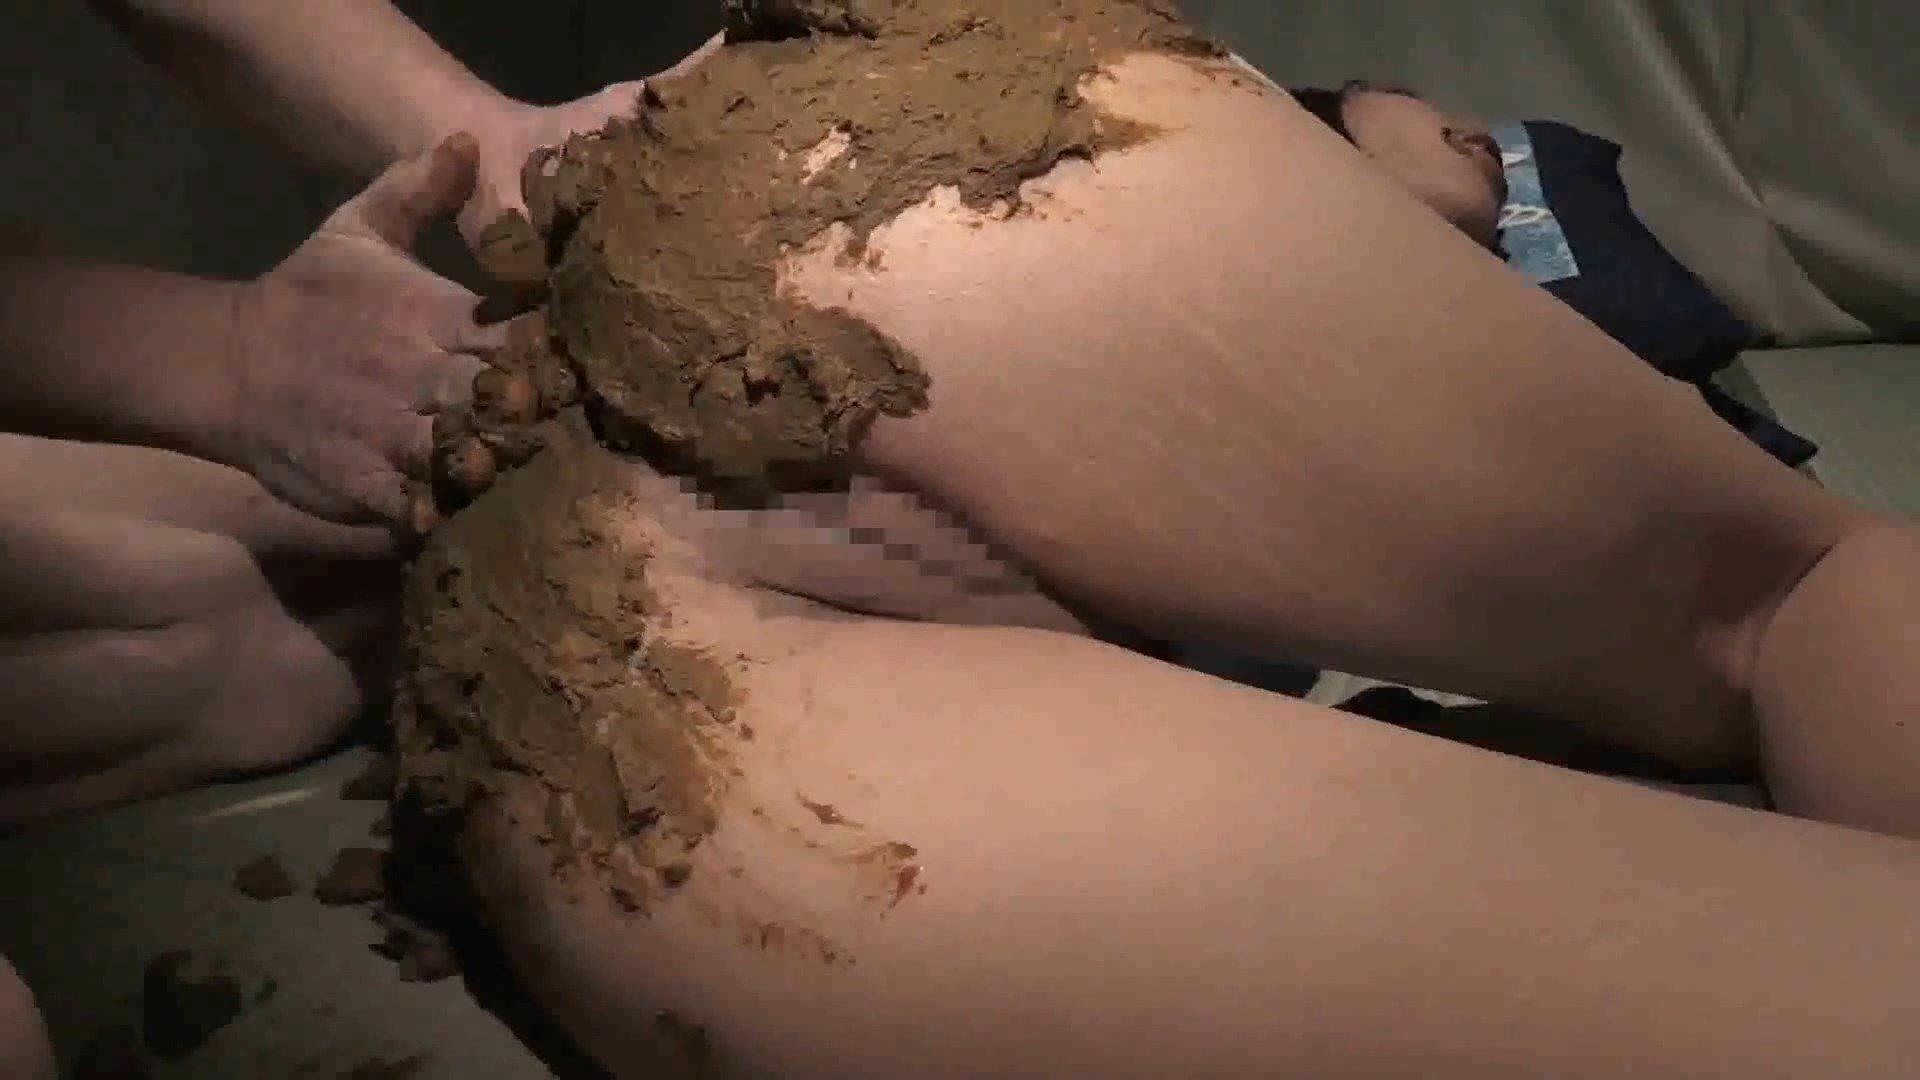 Fetidistrojp – Yua Goto's Poop & Smearing